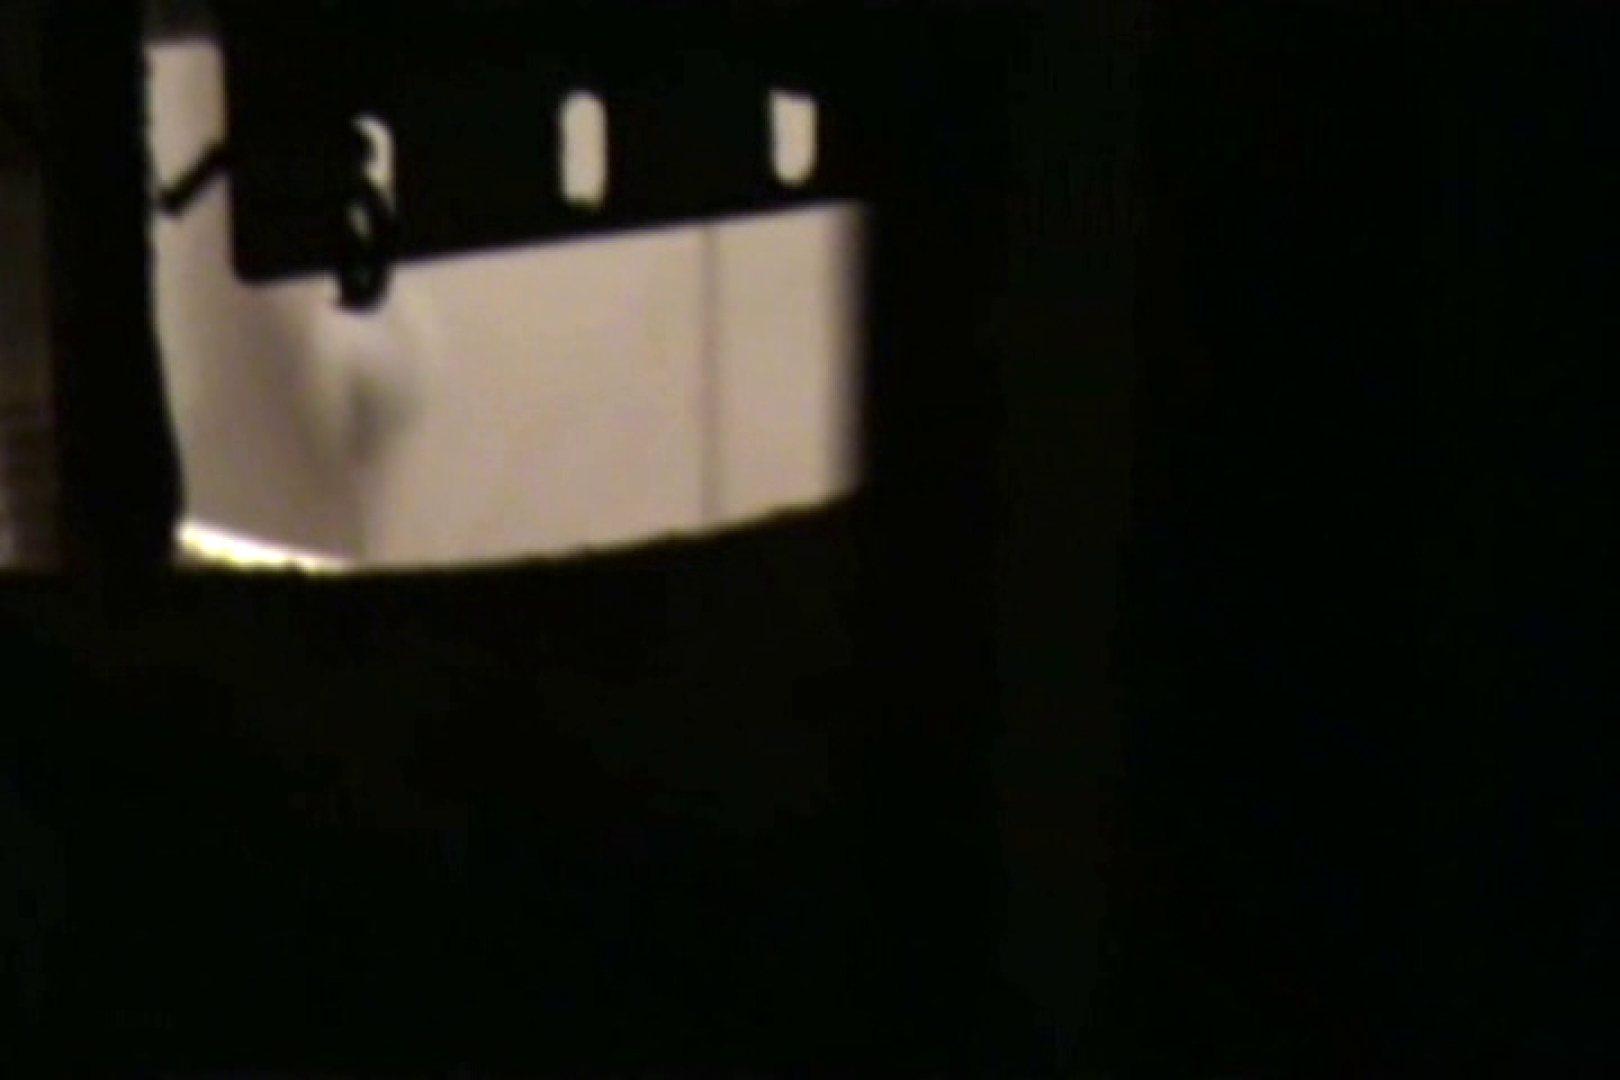 ぼっとん洗面所スペシャルVol.3 盗撮 覗きおまんこ画像 92pic 15